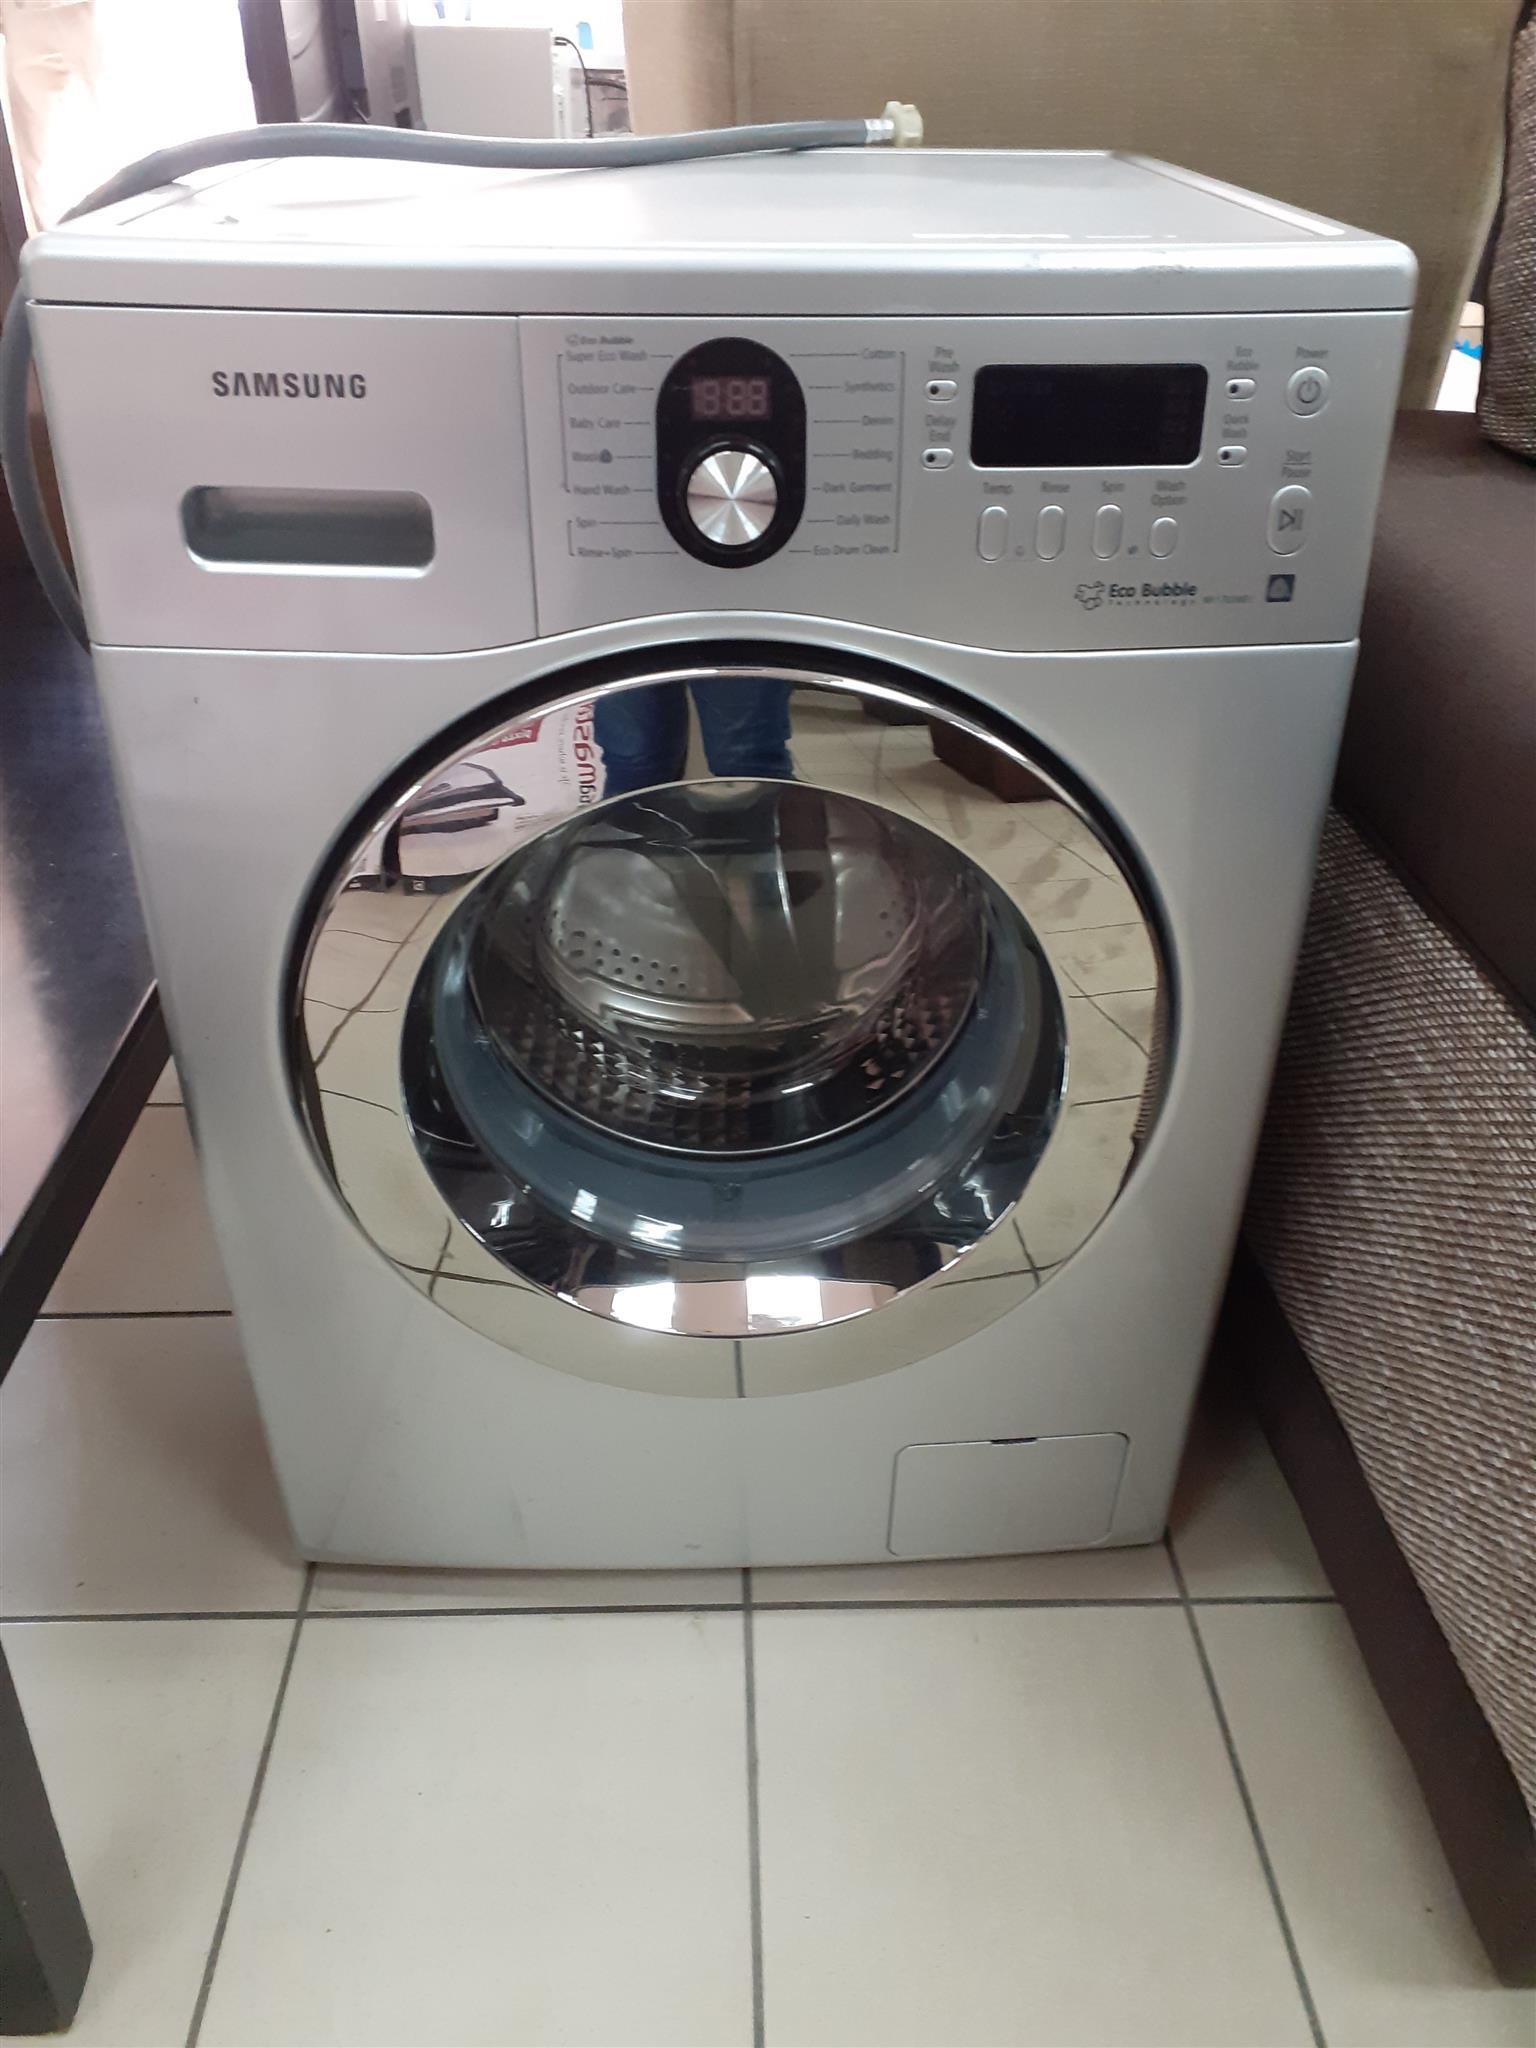 Samsung Washing Machine Front Loader.